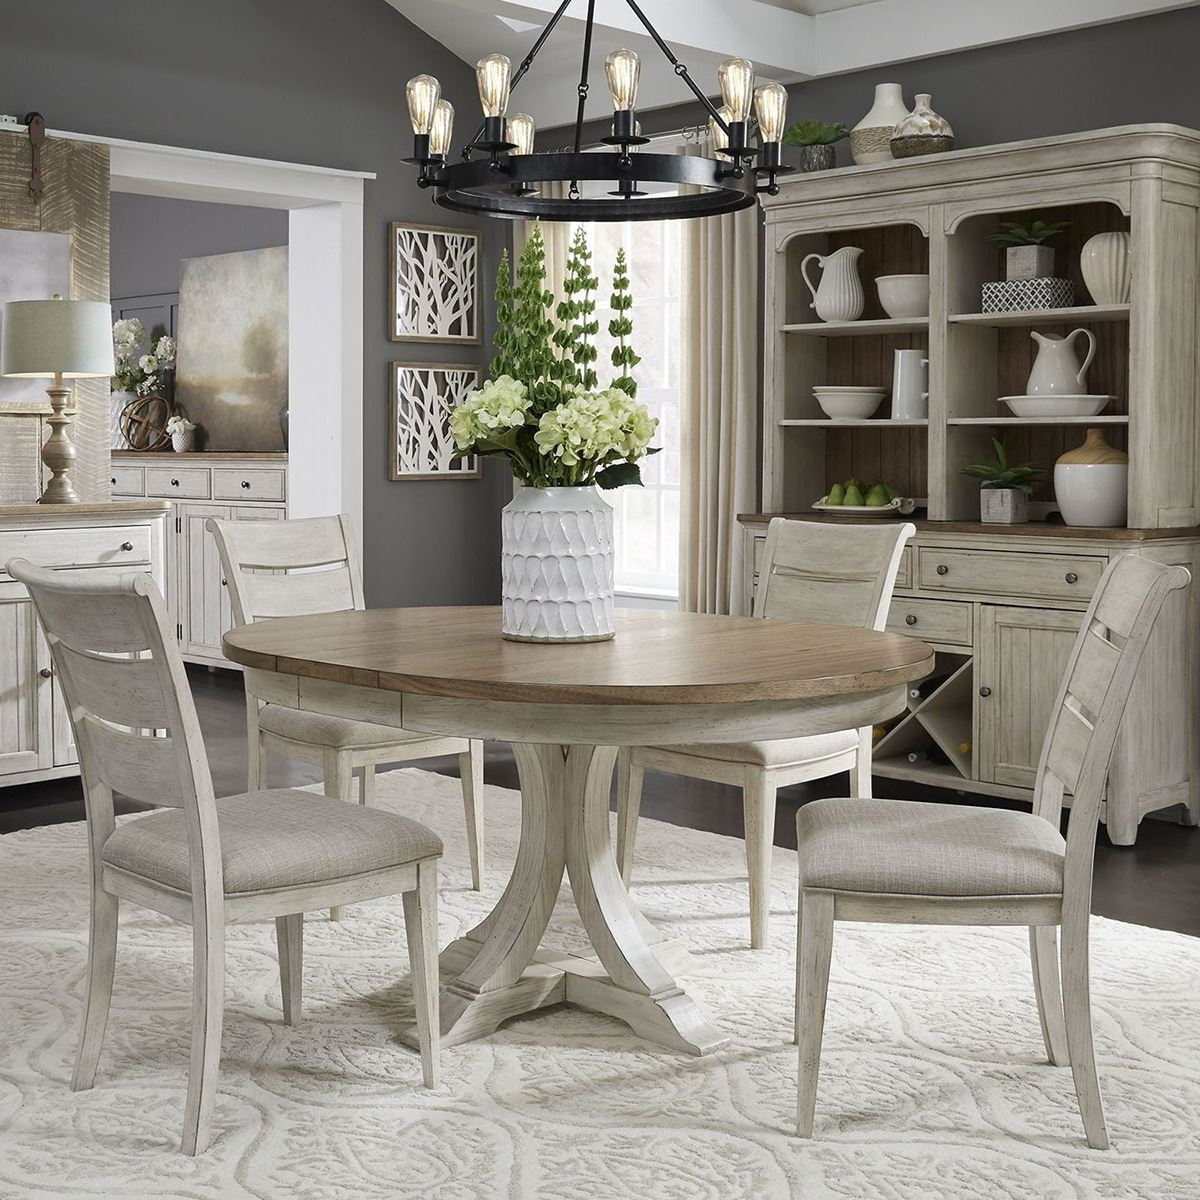 Roanoak 5 Piece Oval Dining Room Set